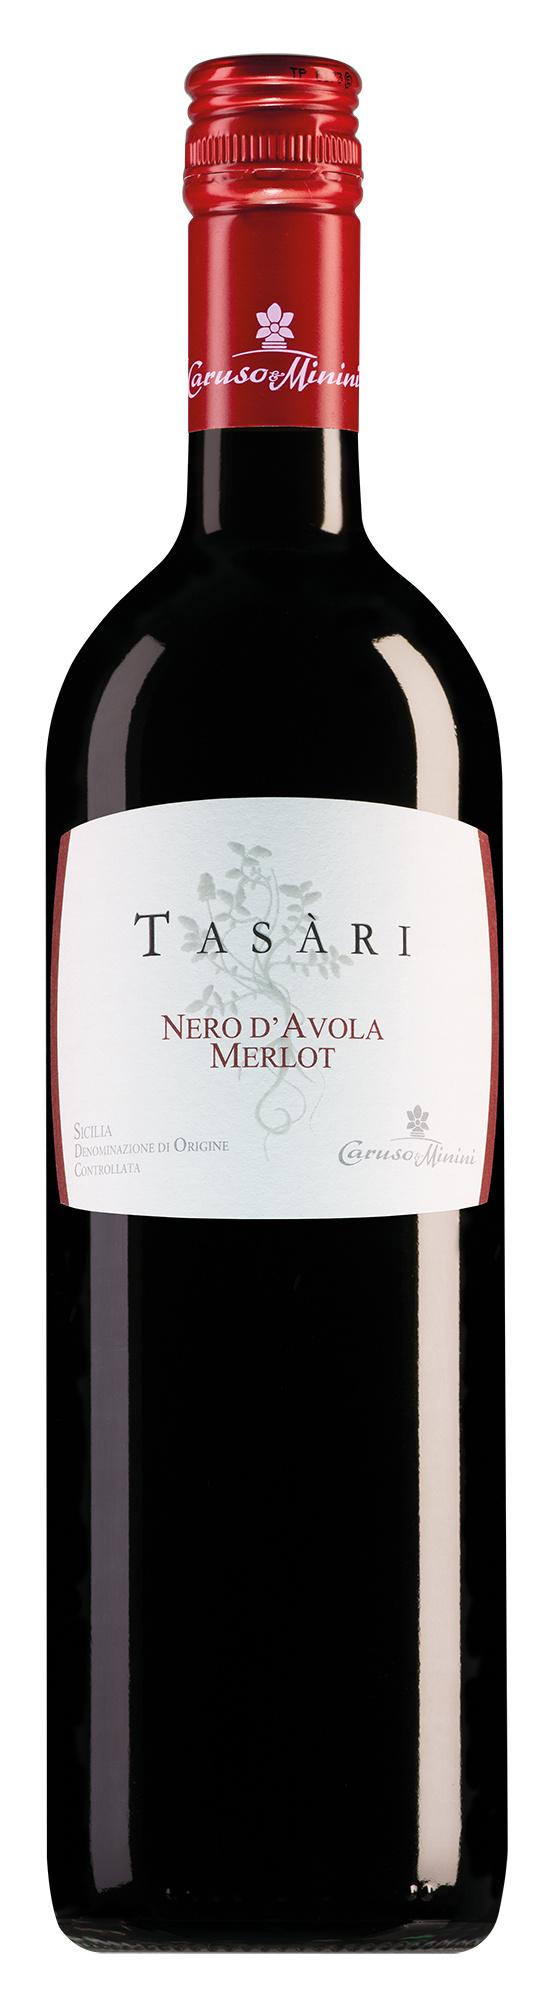 Caruso e Minini Terre Siciliane Tasàri Nero d'Avola-Merlot 2019